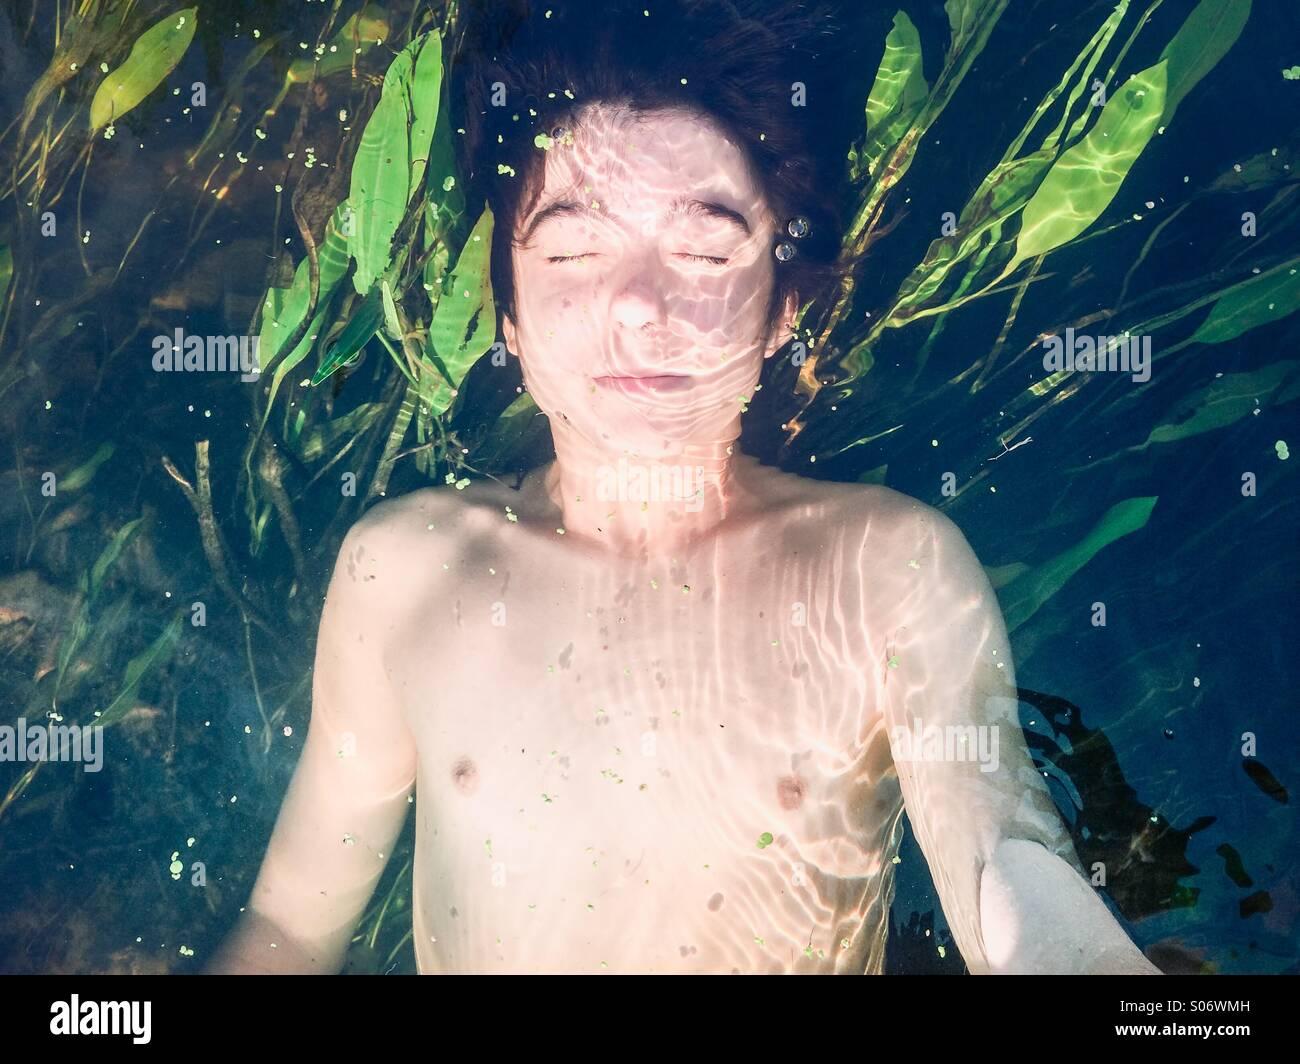 Muchacho sumergido en un río puro de exuberante verdor Imagen De Stock